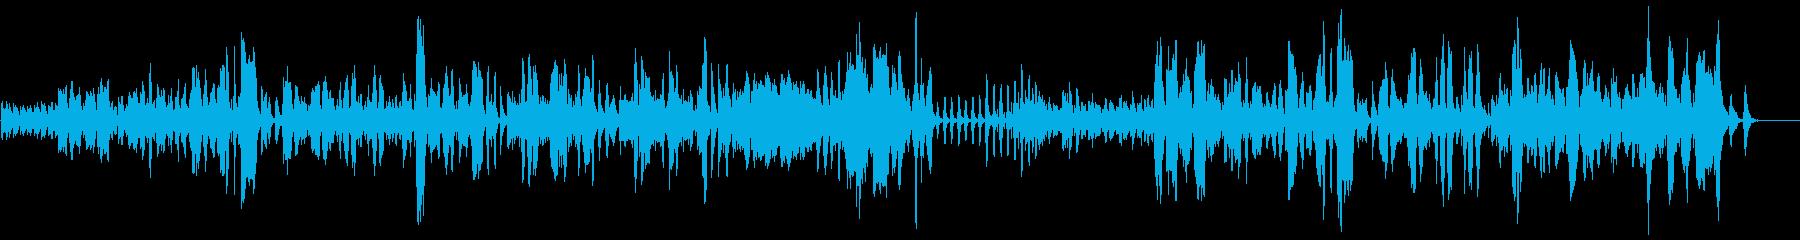 クラリネットとフルートの日常系コミカ劇伴の再生済みの波形